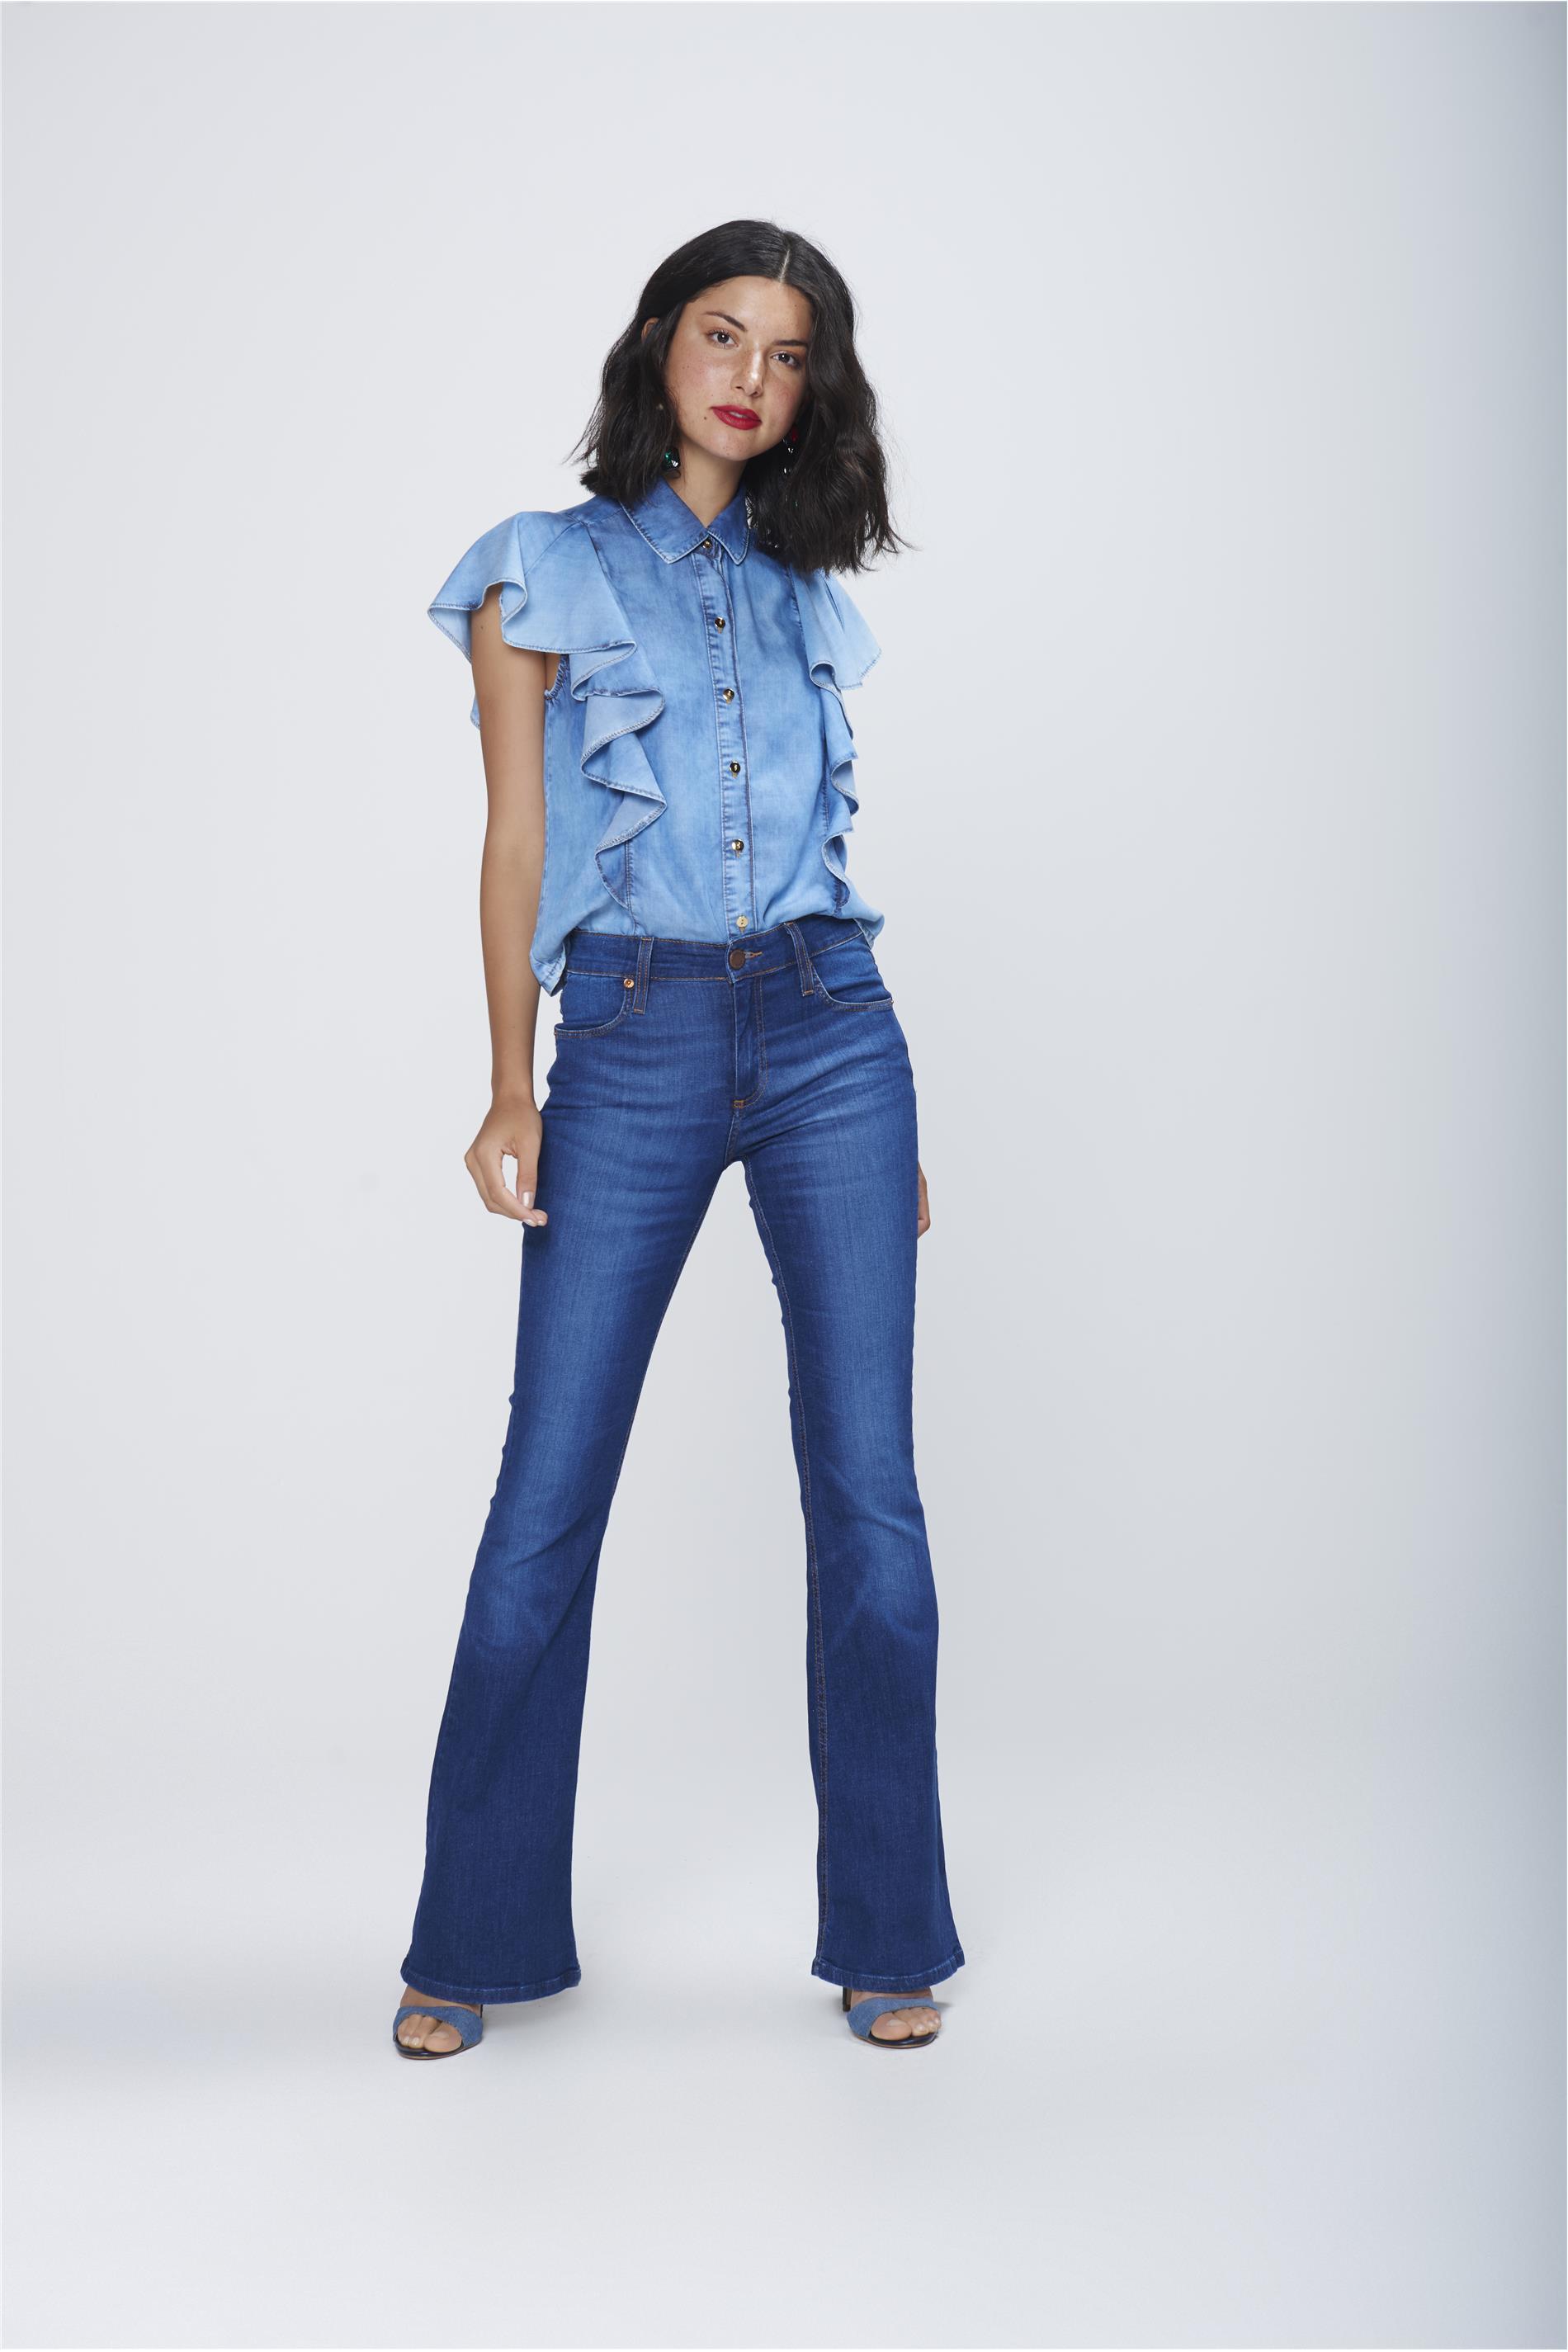 938dd8a6e Calça Boot Cut Jeans Cintura Alta - Damyller